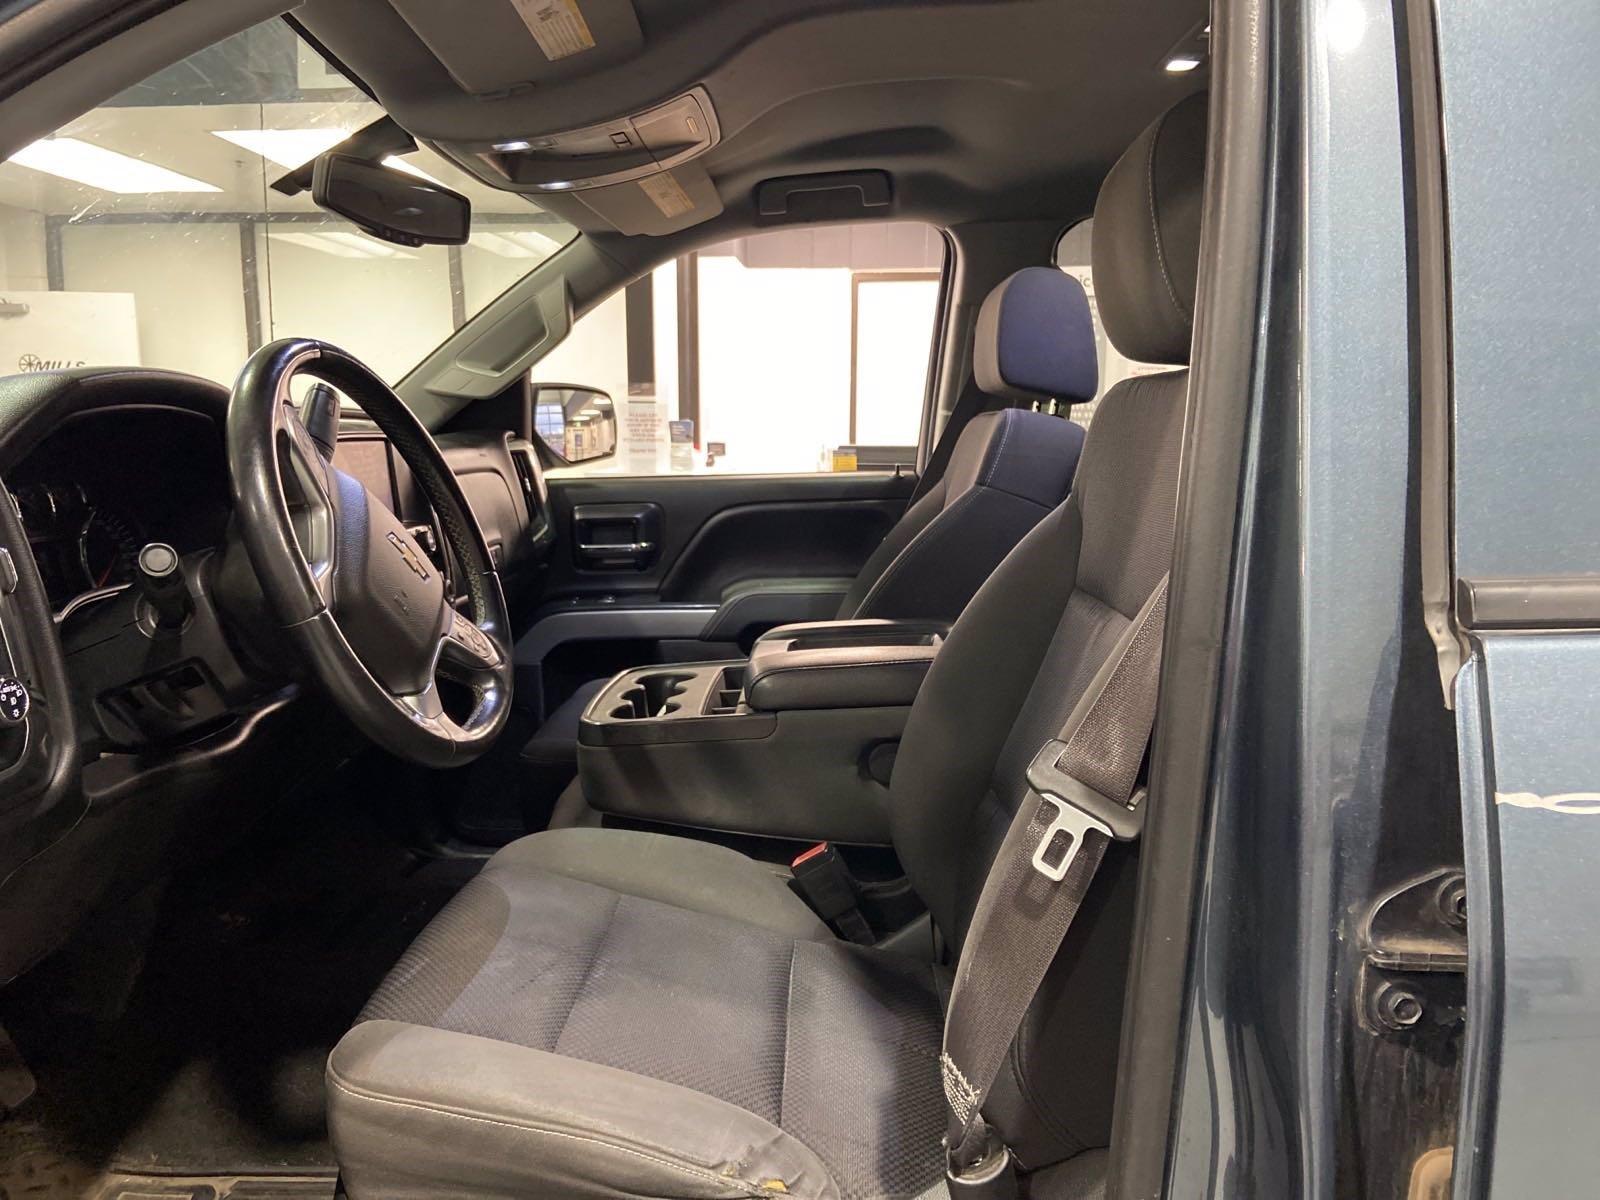 2014 Chevrolet Silverado 1500 2LT